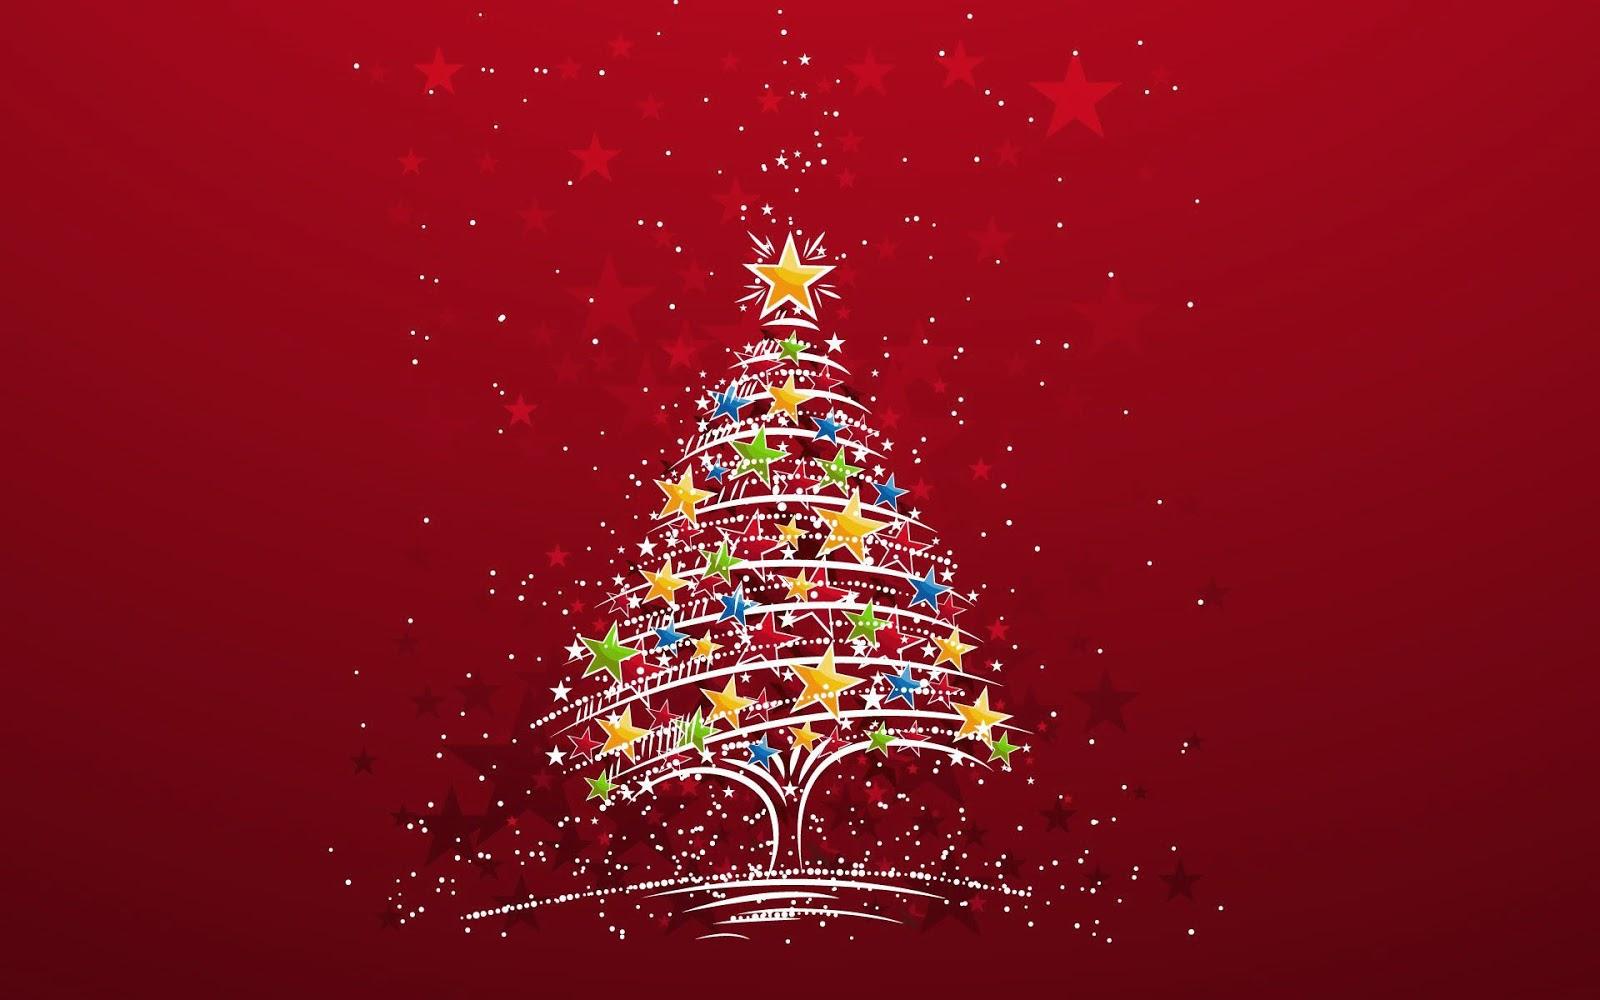 Rode kerst wallpaper met kerstboom | Bureaublad Achtergronden Wallpapers Kerst Achtergronden